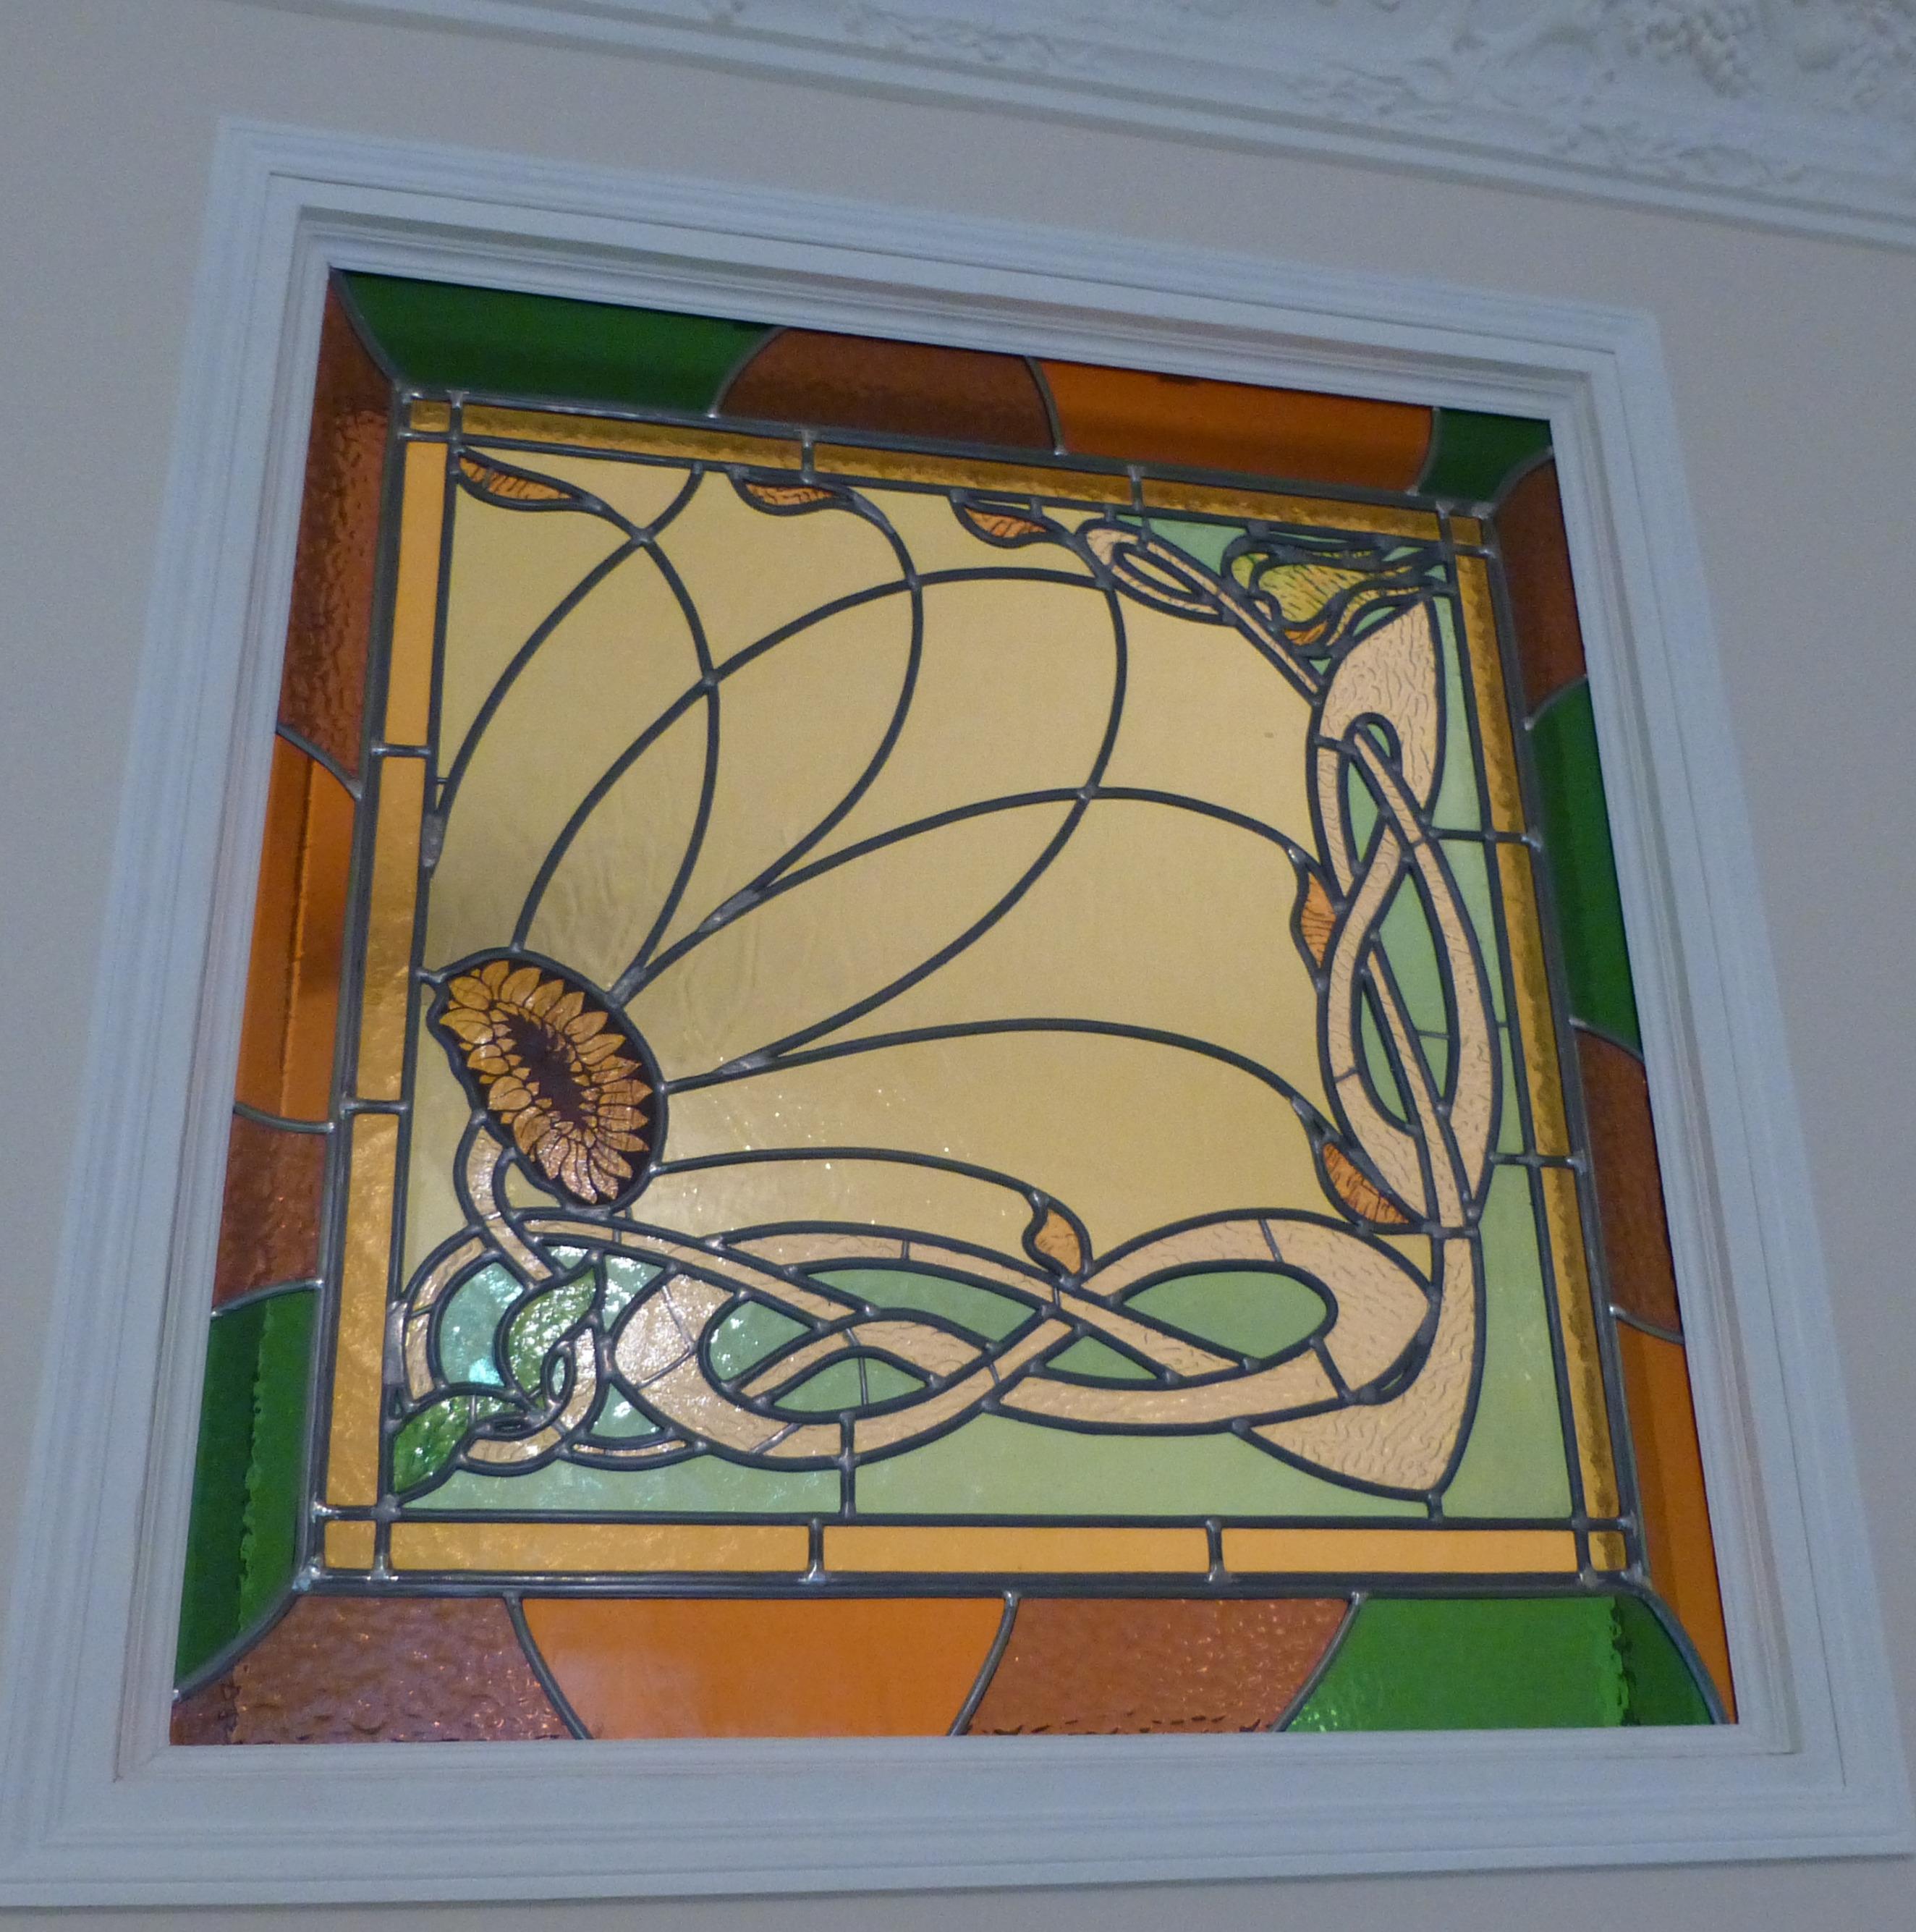 Agrandissement d'un vitrail Paris 18